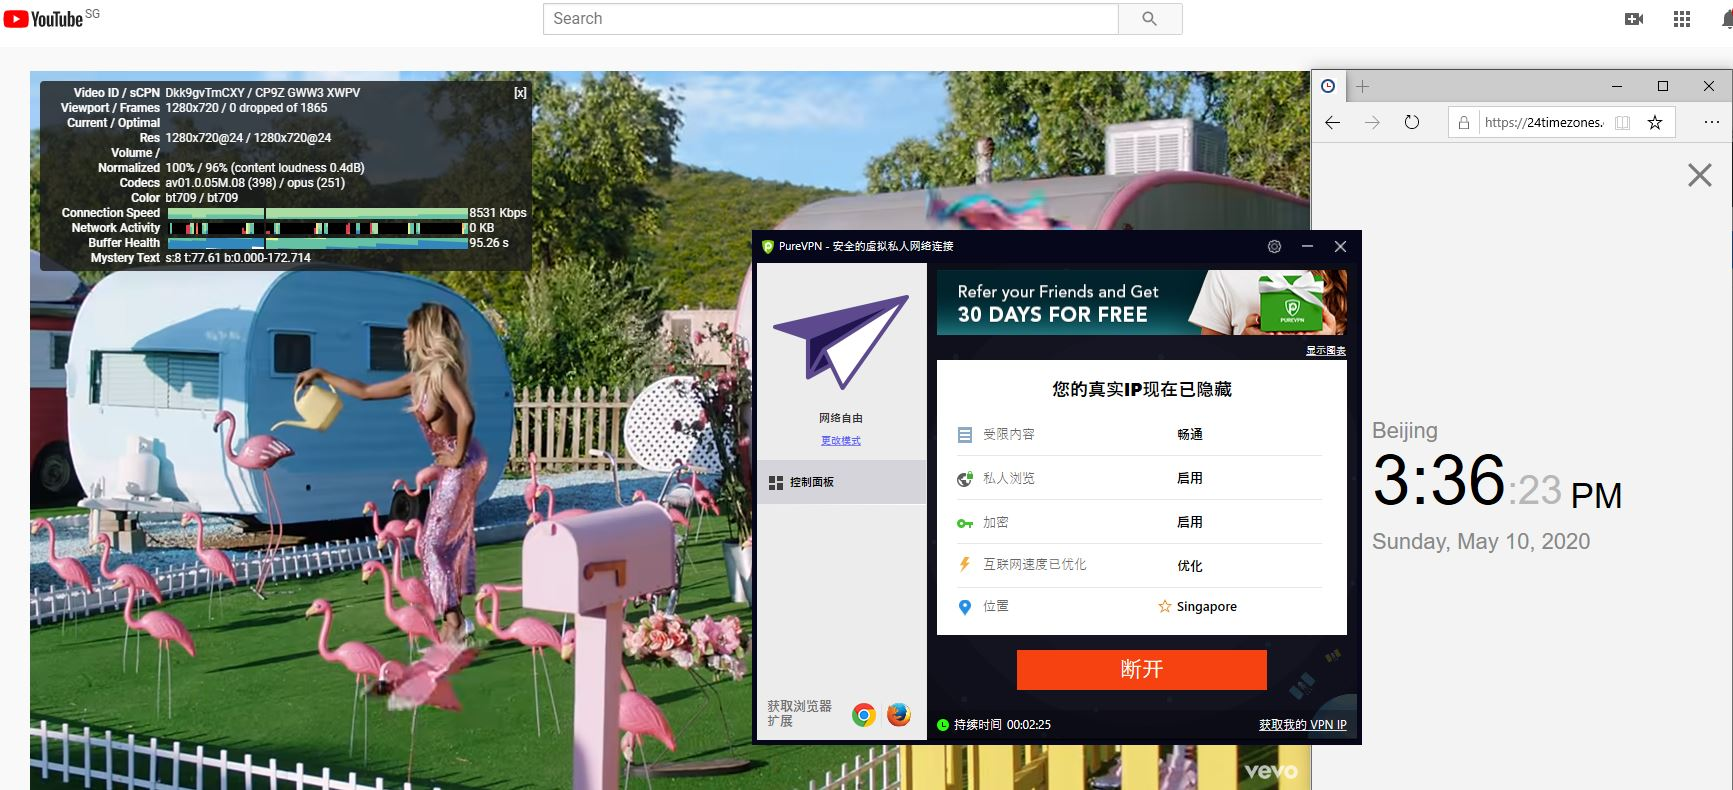 Windows10 PureVPN Singapore 中国VPN 翻墙 科学上网 youtube测速-20200510